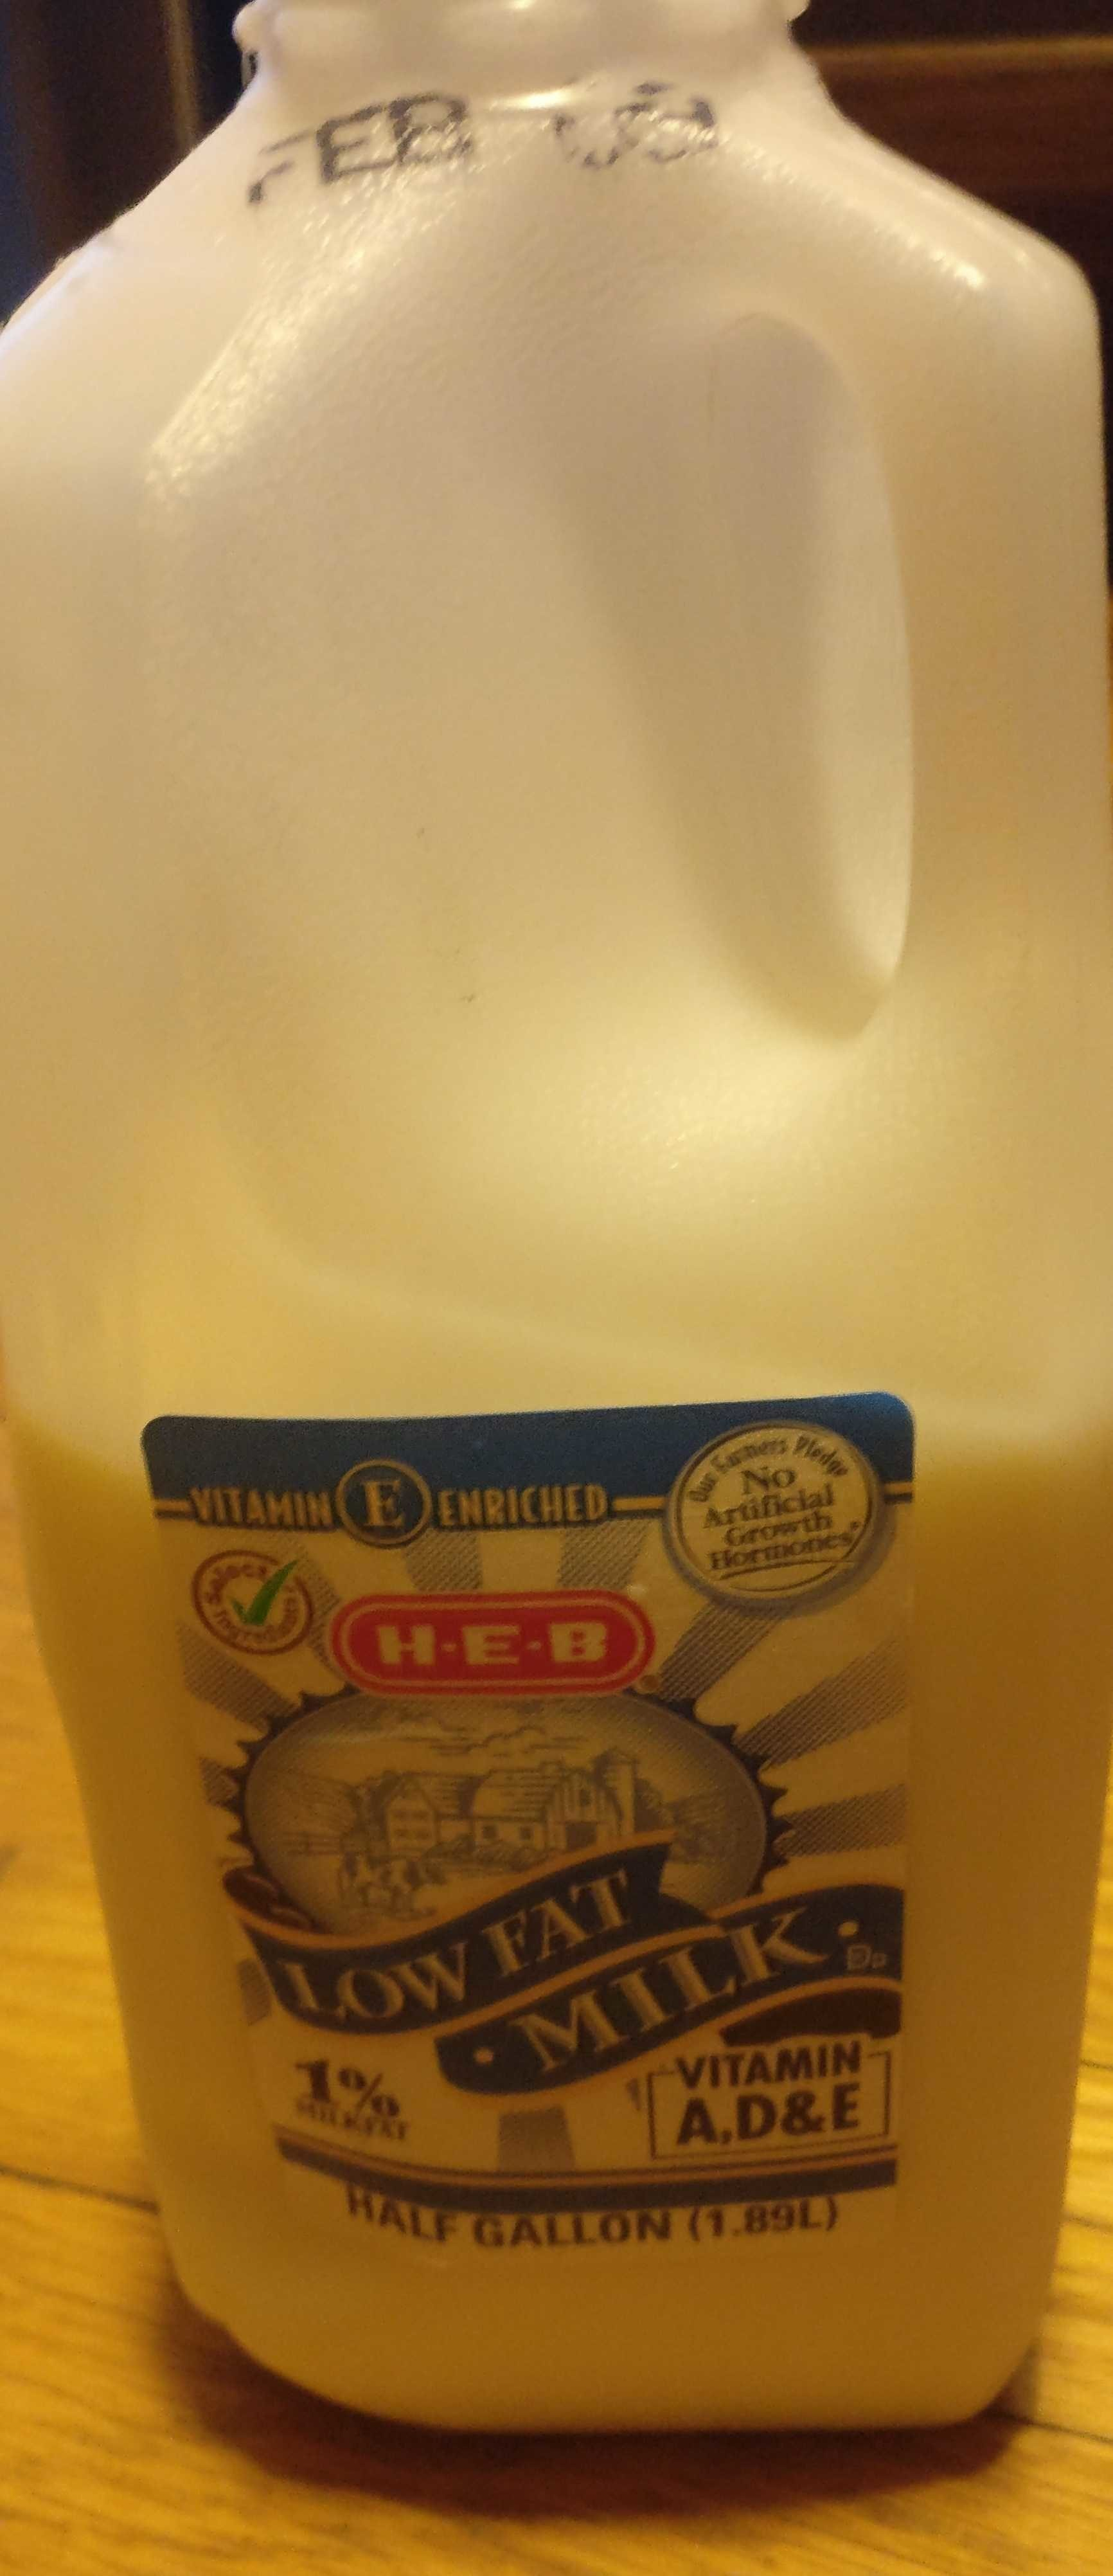 Low fat 1% milk - Product - en